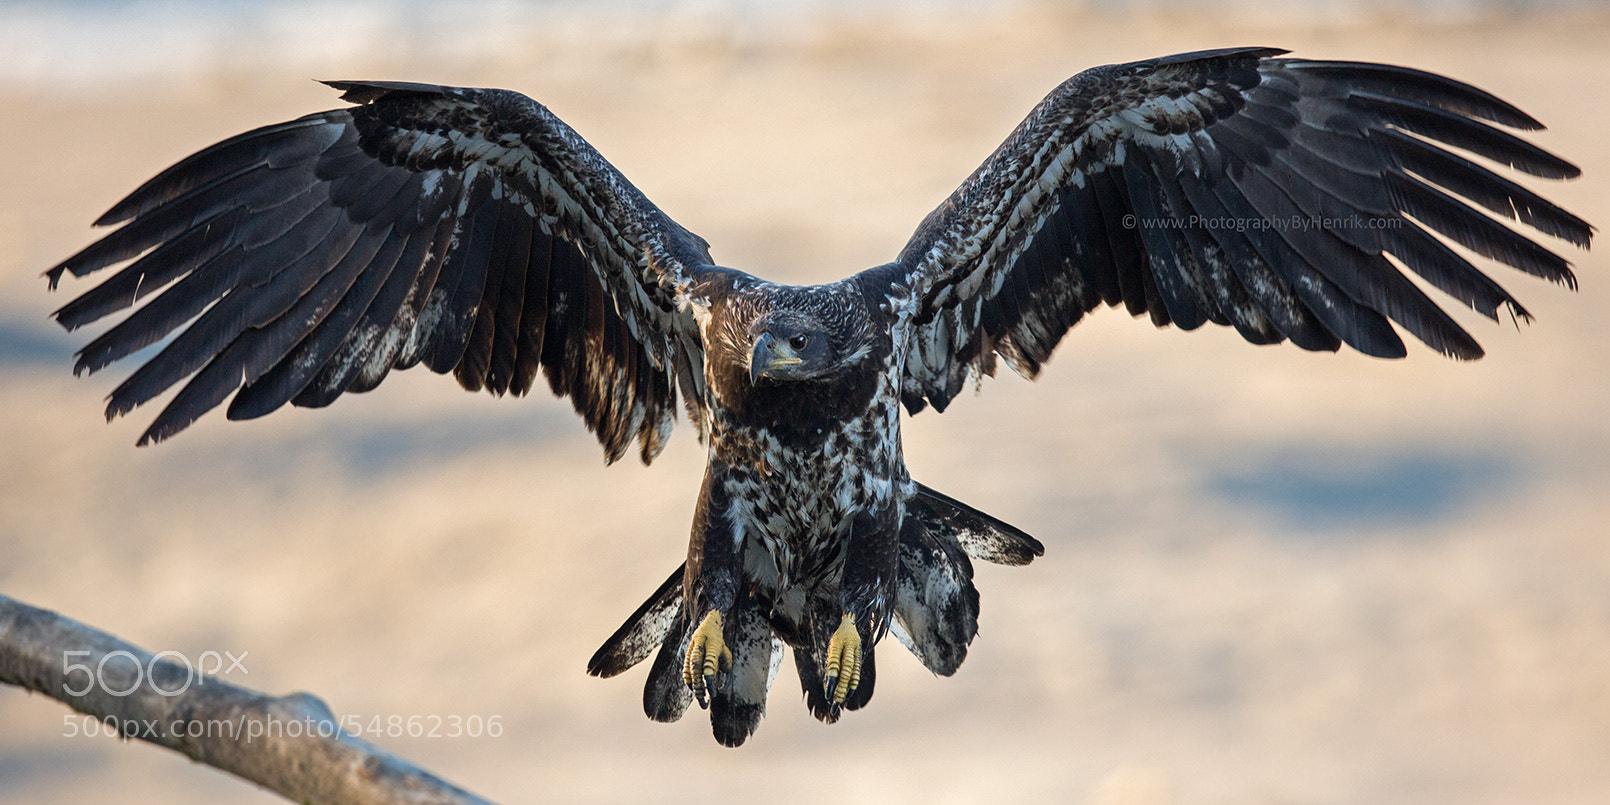 Photograph Juvenile Bald Eagle by Henrik Nilsson on 500px